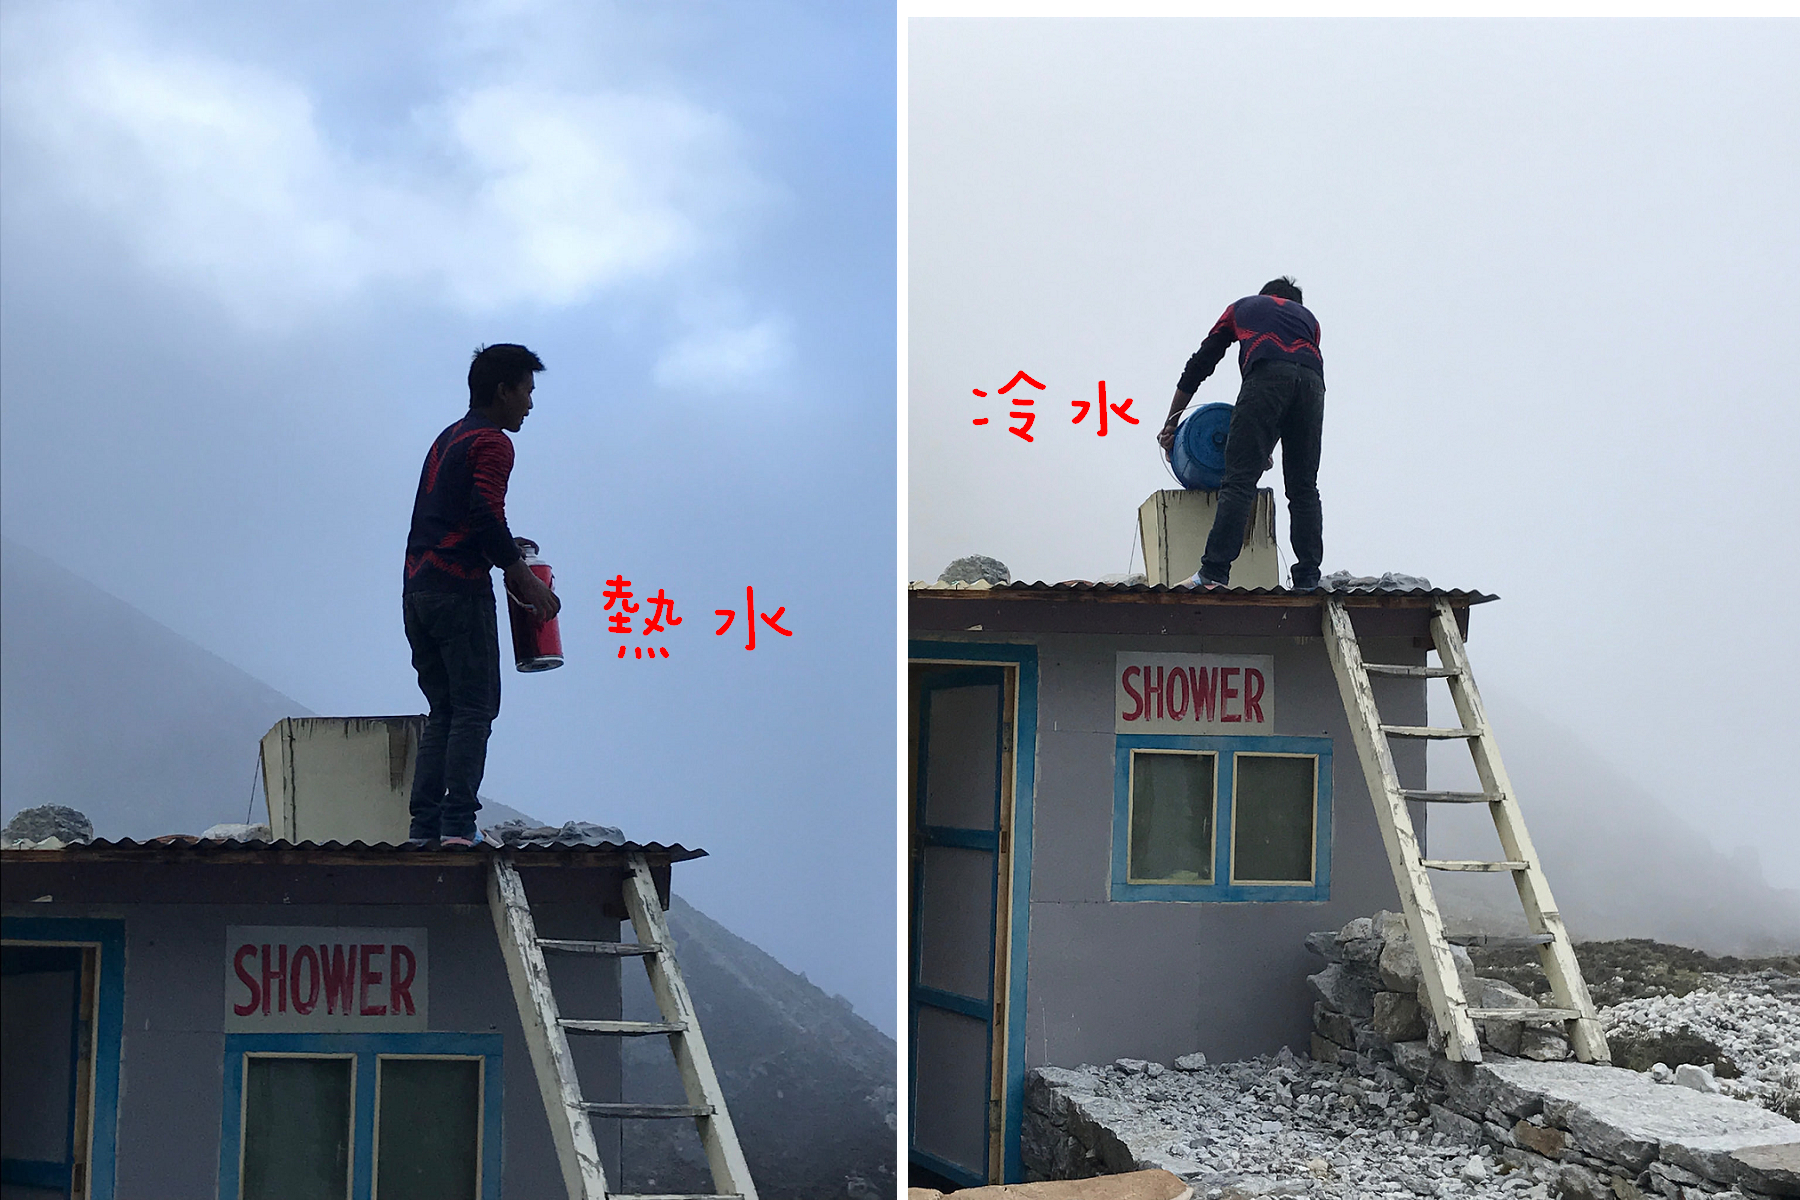 [尼泊爾]聖母峰基地營EBC線上食衣住行懶人包 x 我的喜馬拉雅山脈食記 x 大蒜吐司很有事